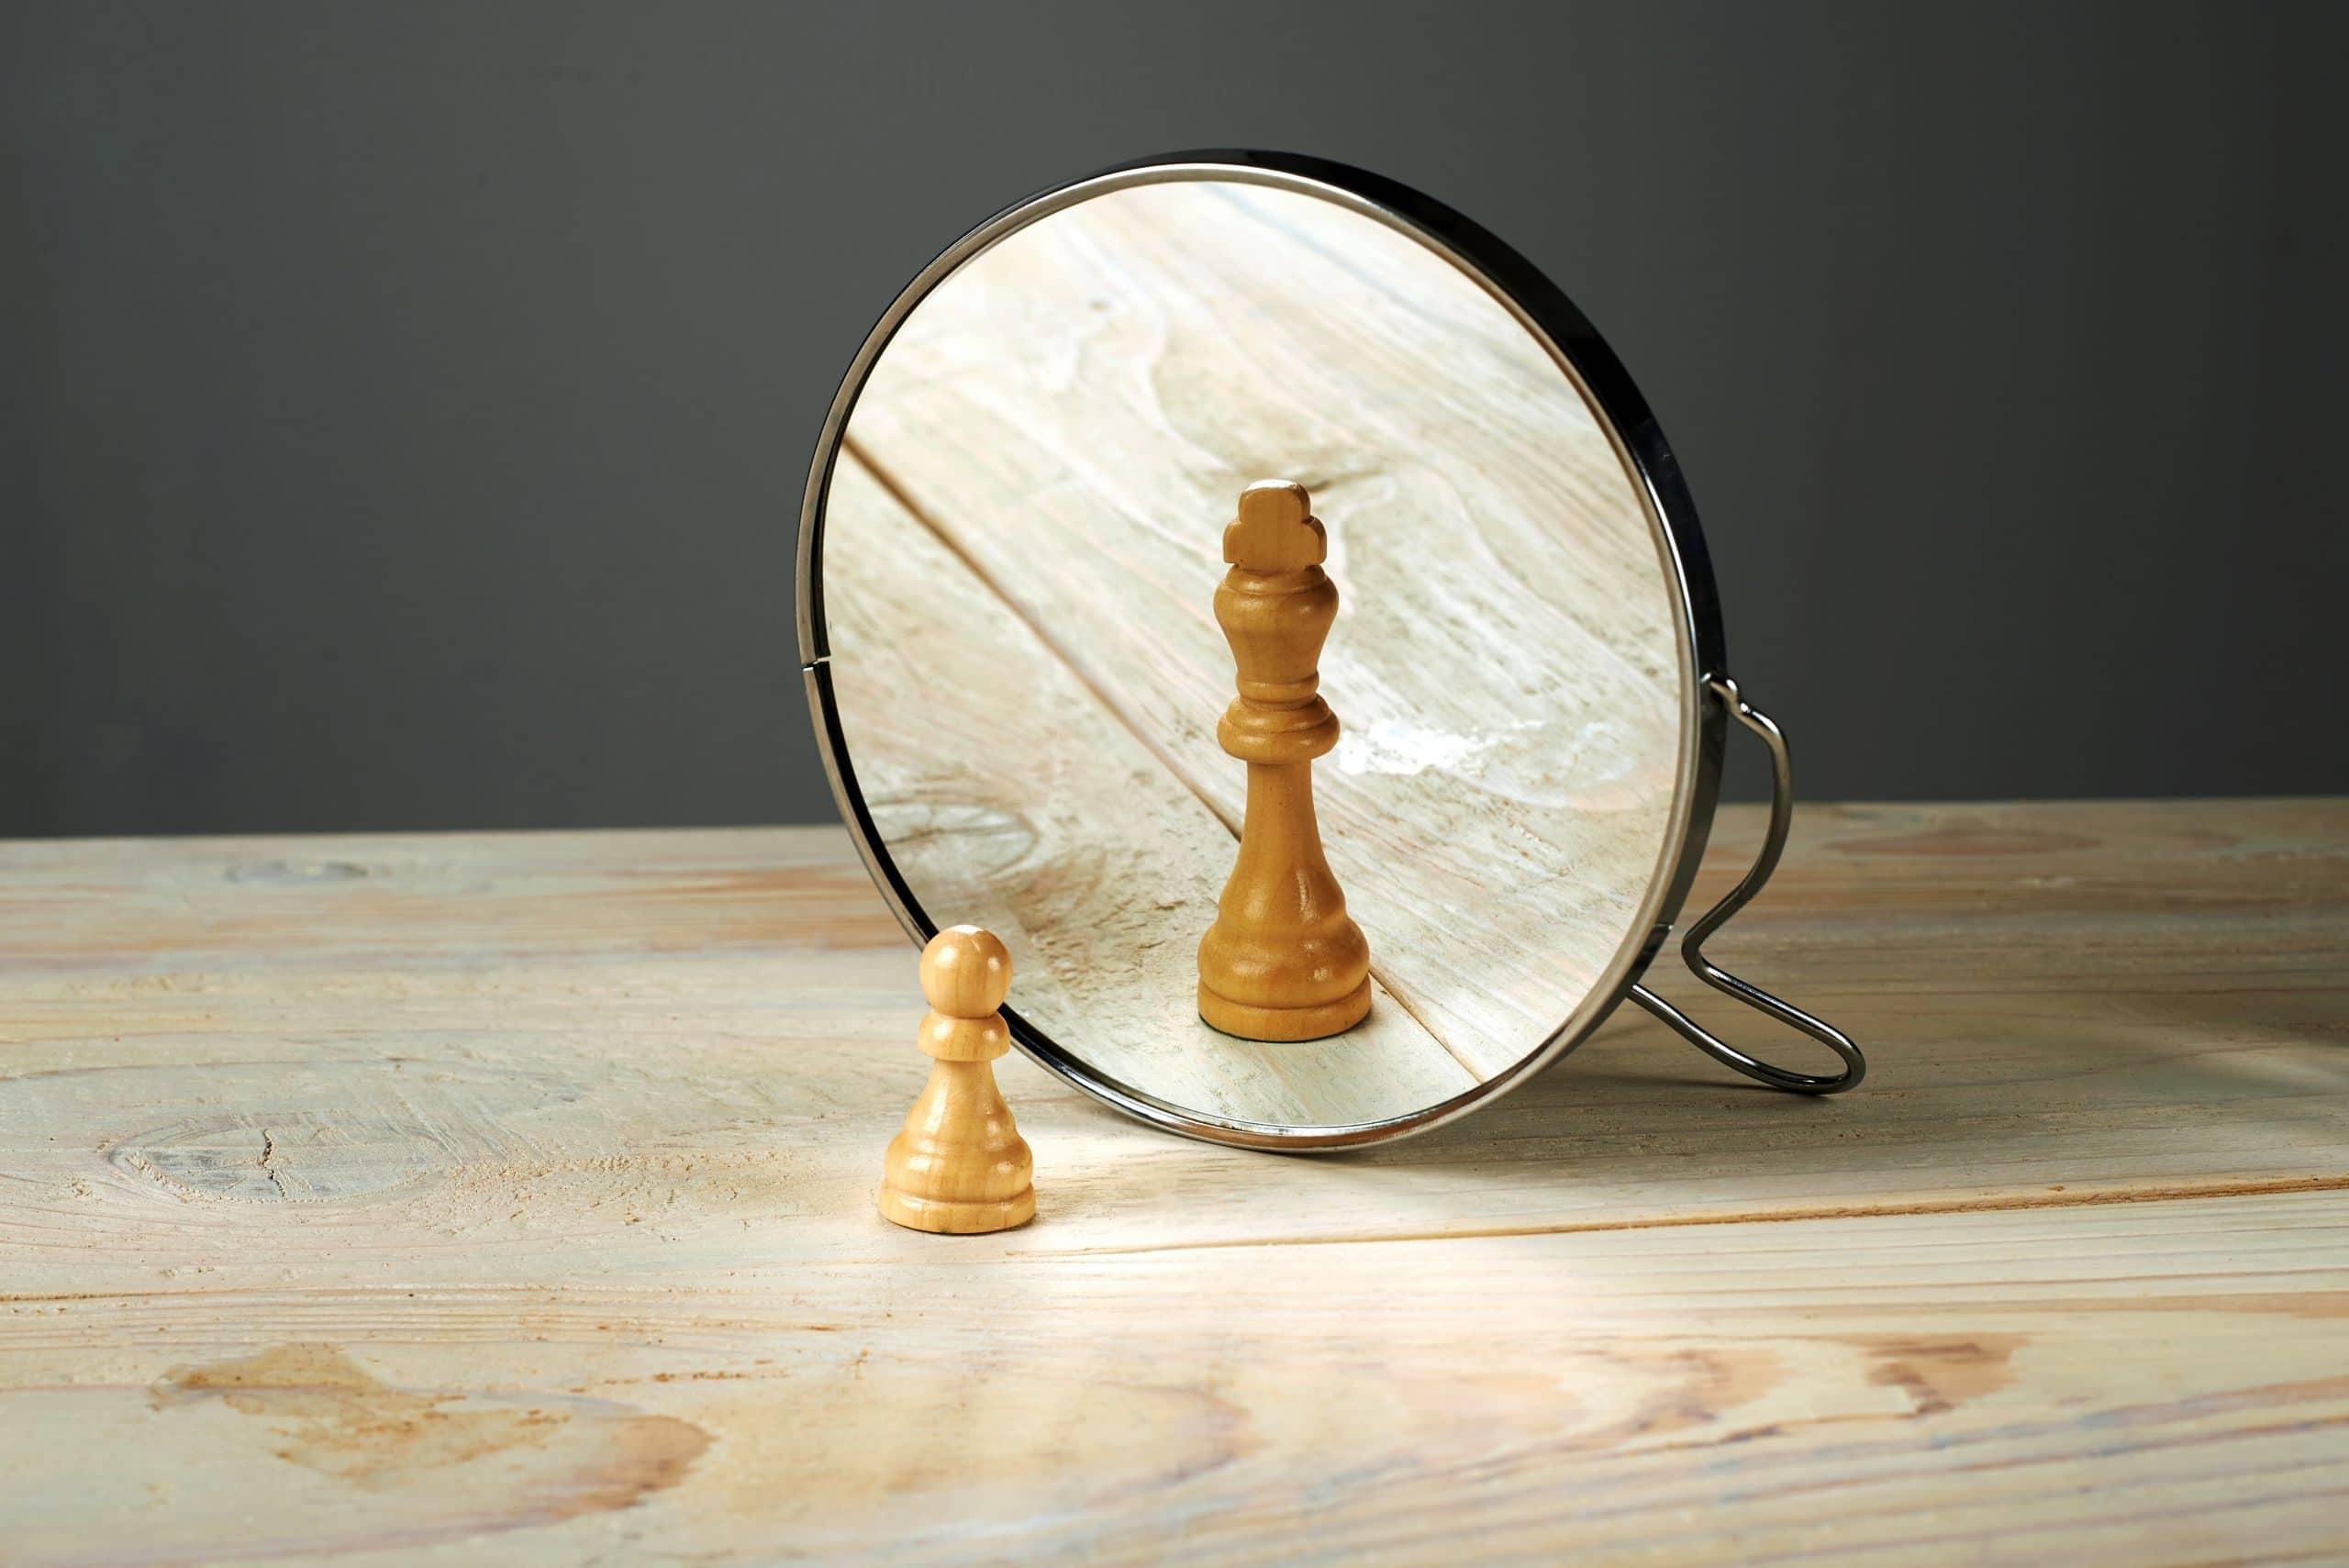 Peão de Xadrez em frente a um espelho